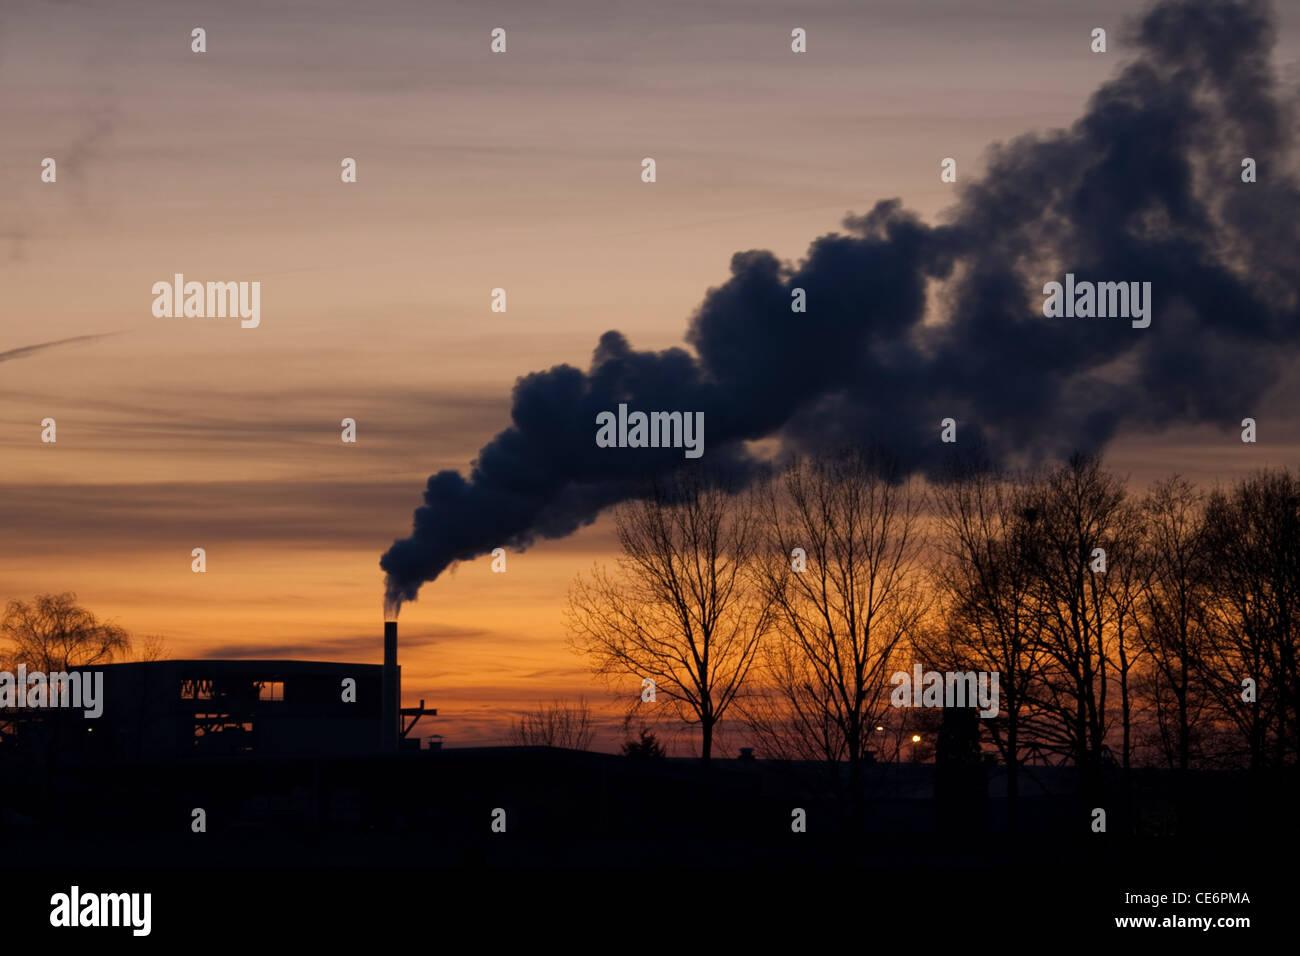 Bombeo de fábrica fuera desconocida de las emisiones. Foto de stock